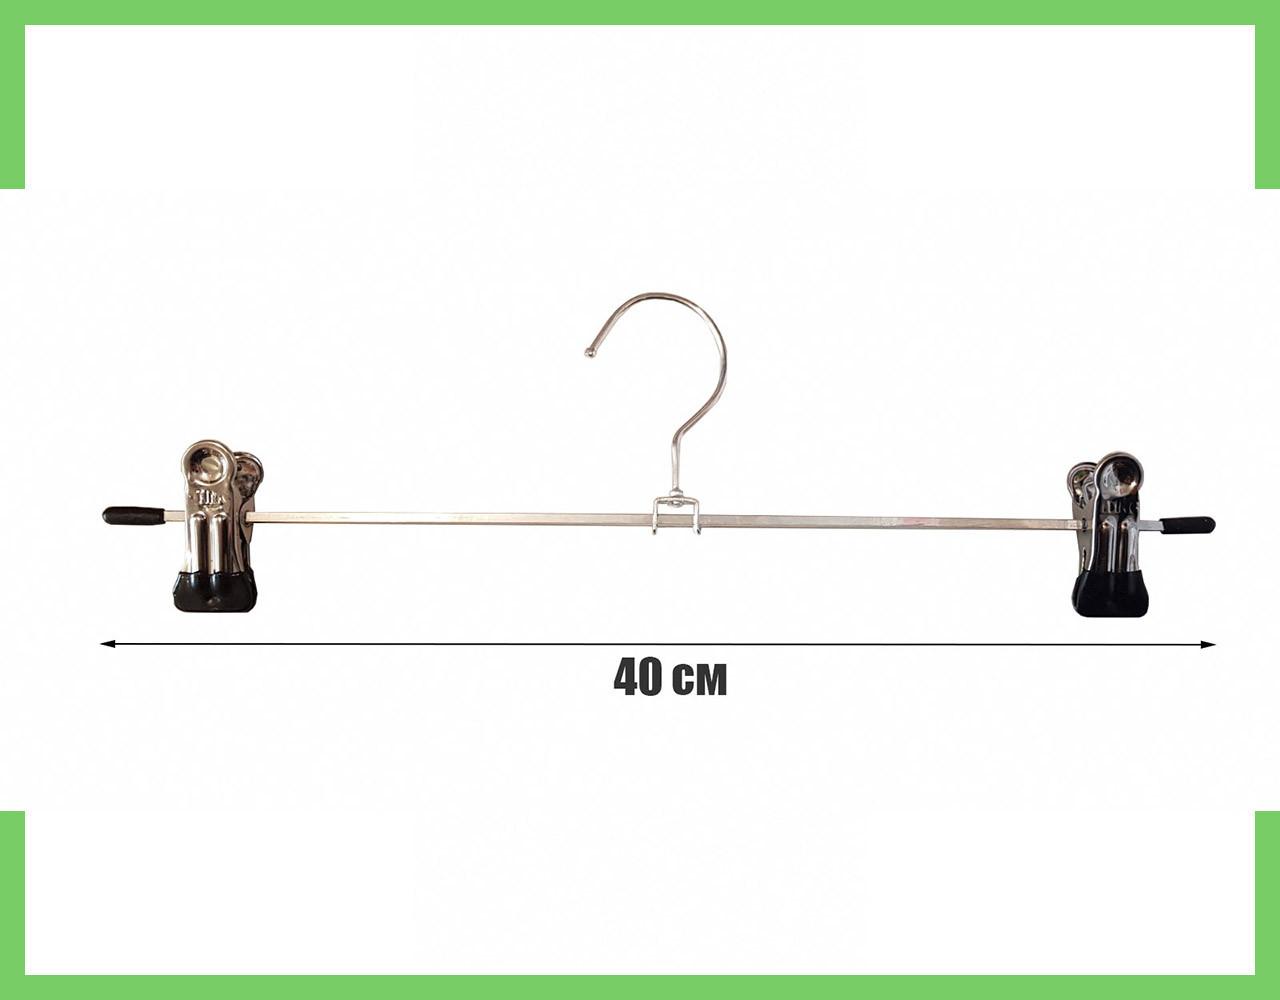 Вешалки плечики тремпеля с прищепками для брюк и юбок металлические 40 см (никель+силикон)